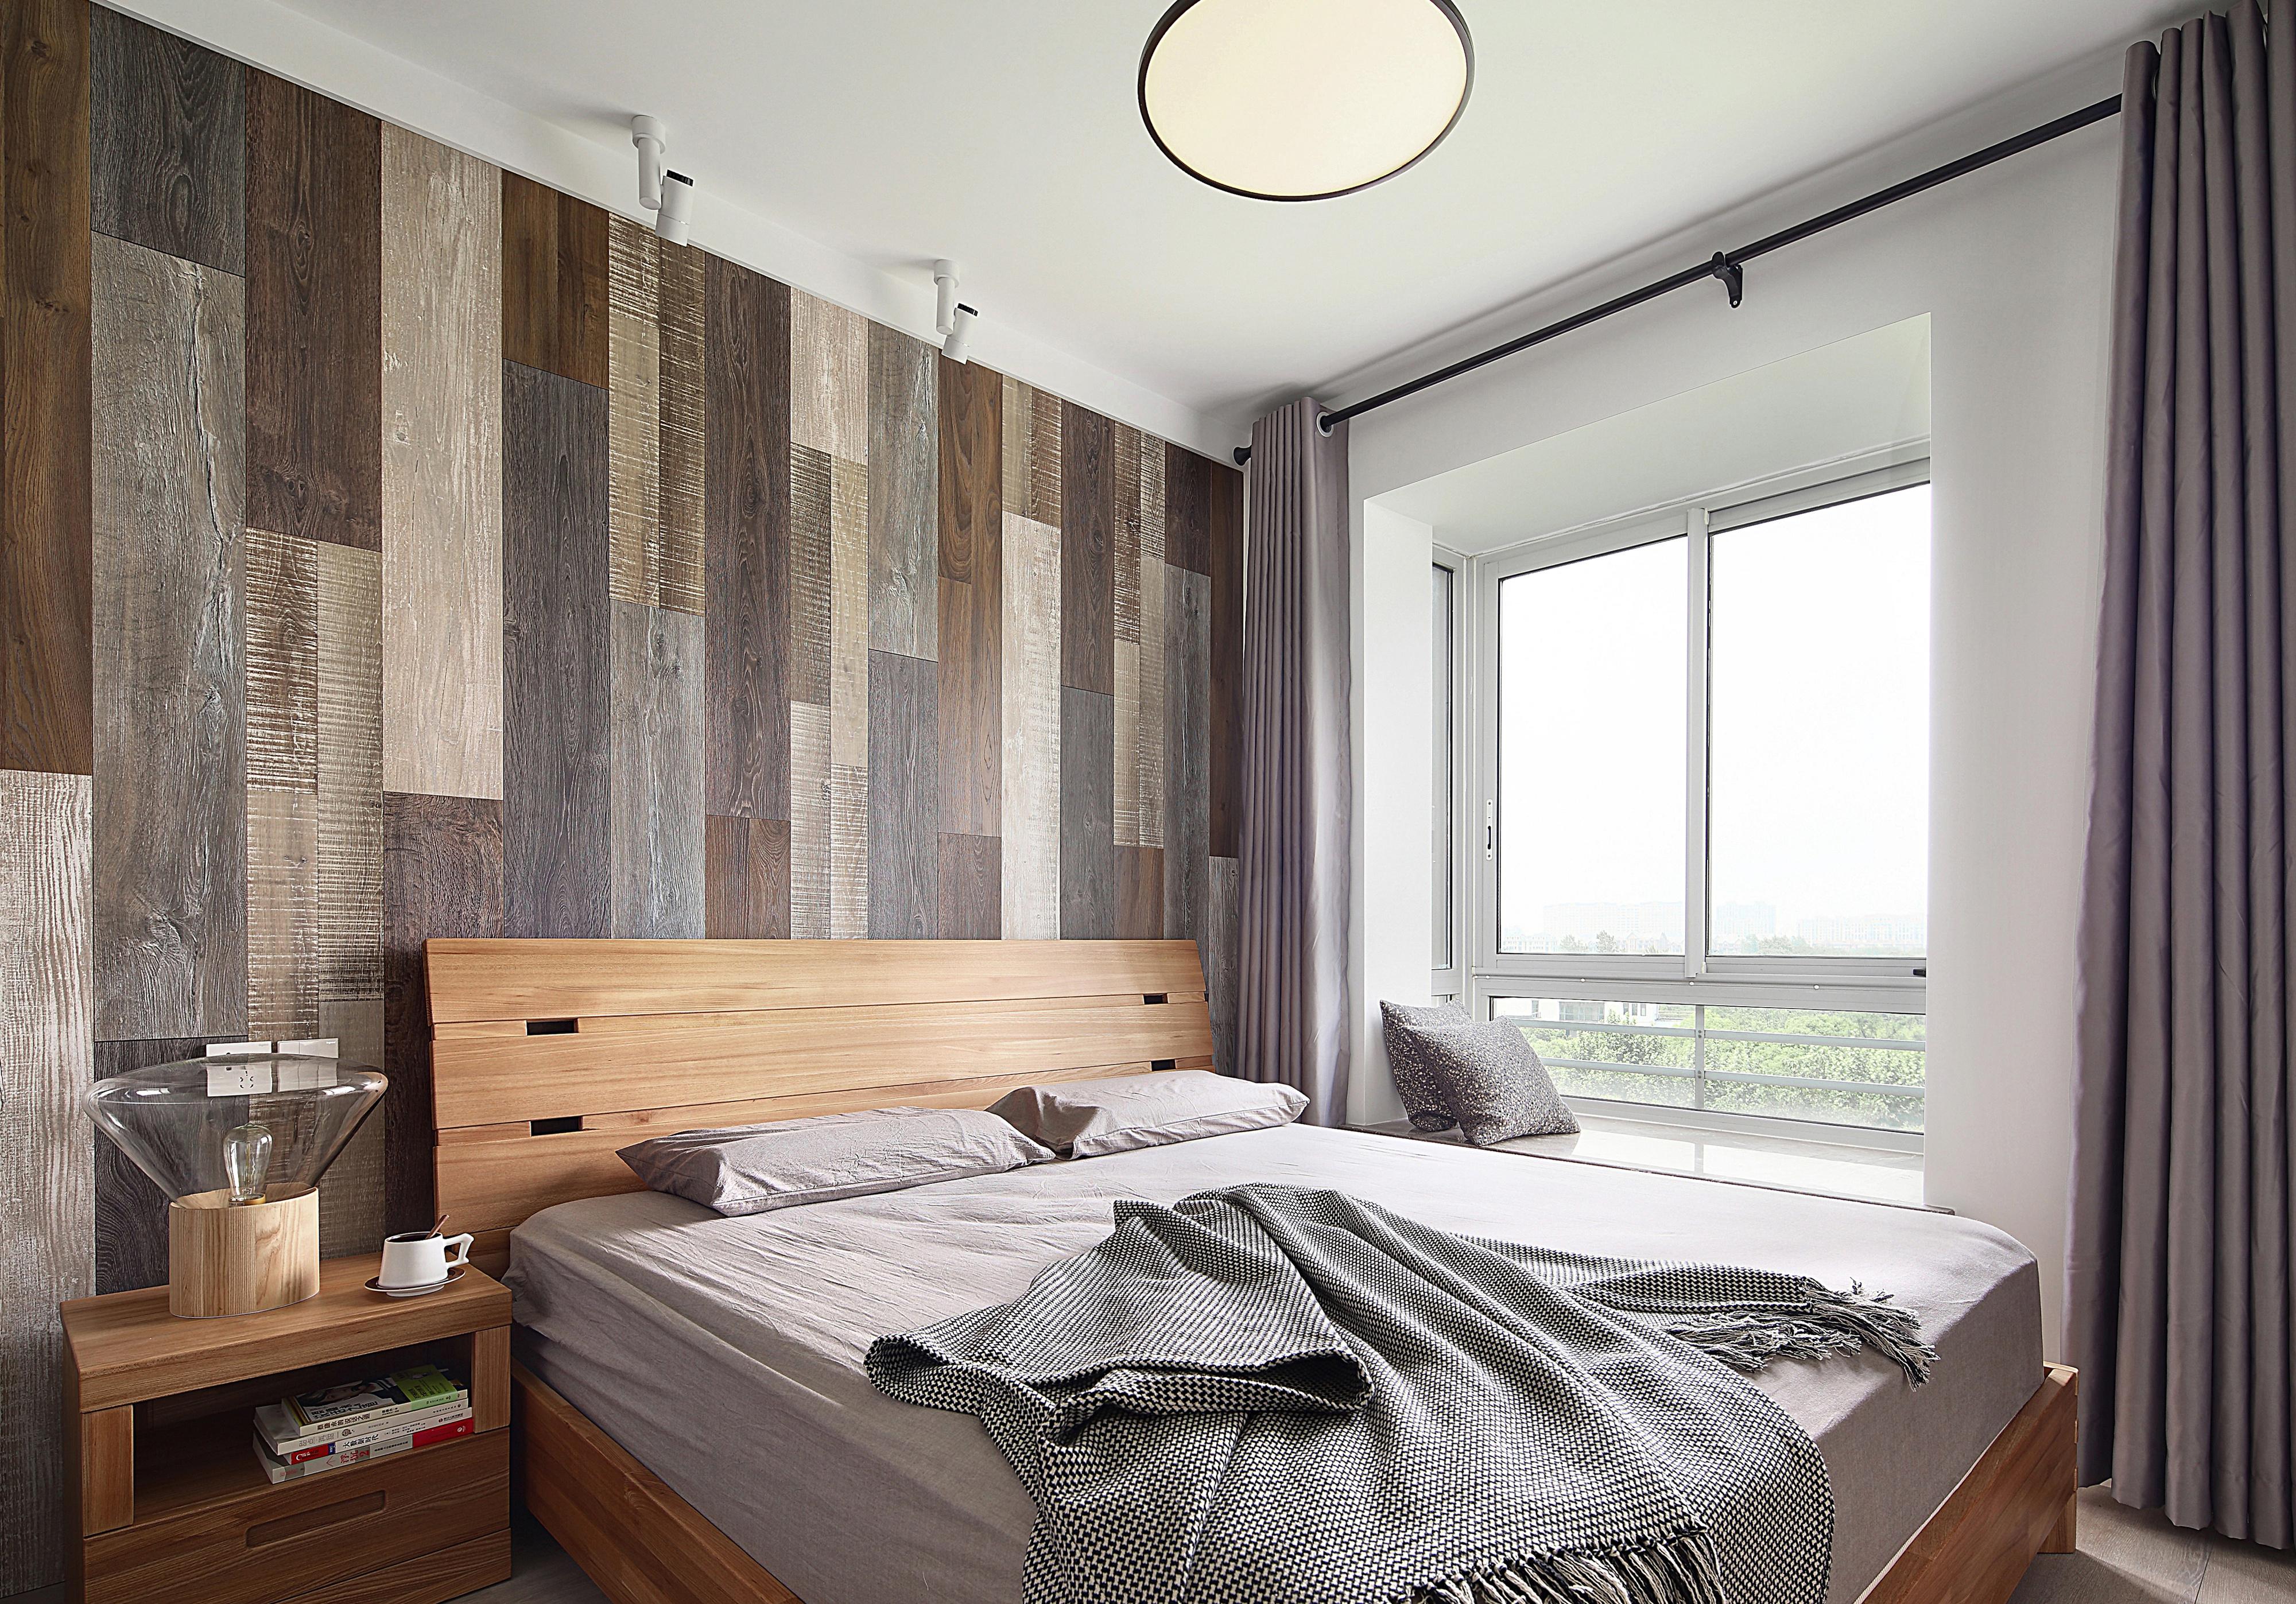 背景墙 房间 家居 起居室 设计 卧室 卧室装修 现代 装修 4000_2795图片